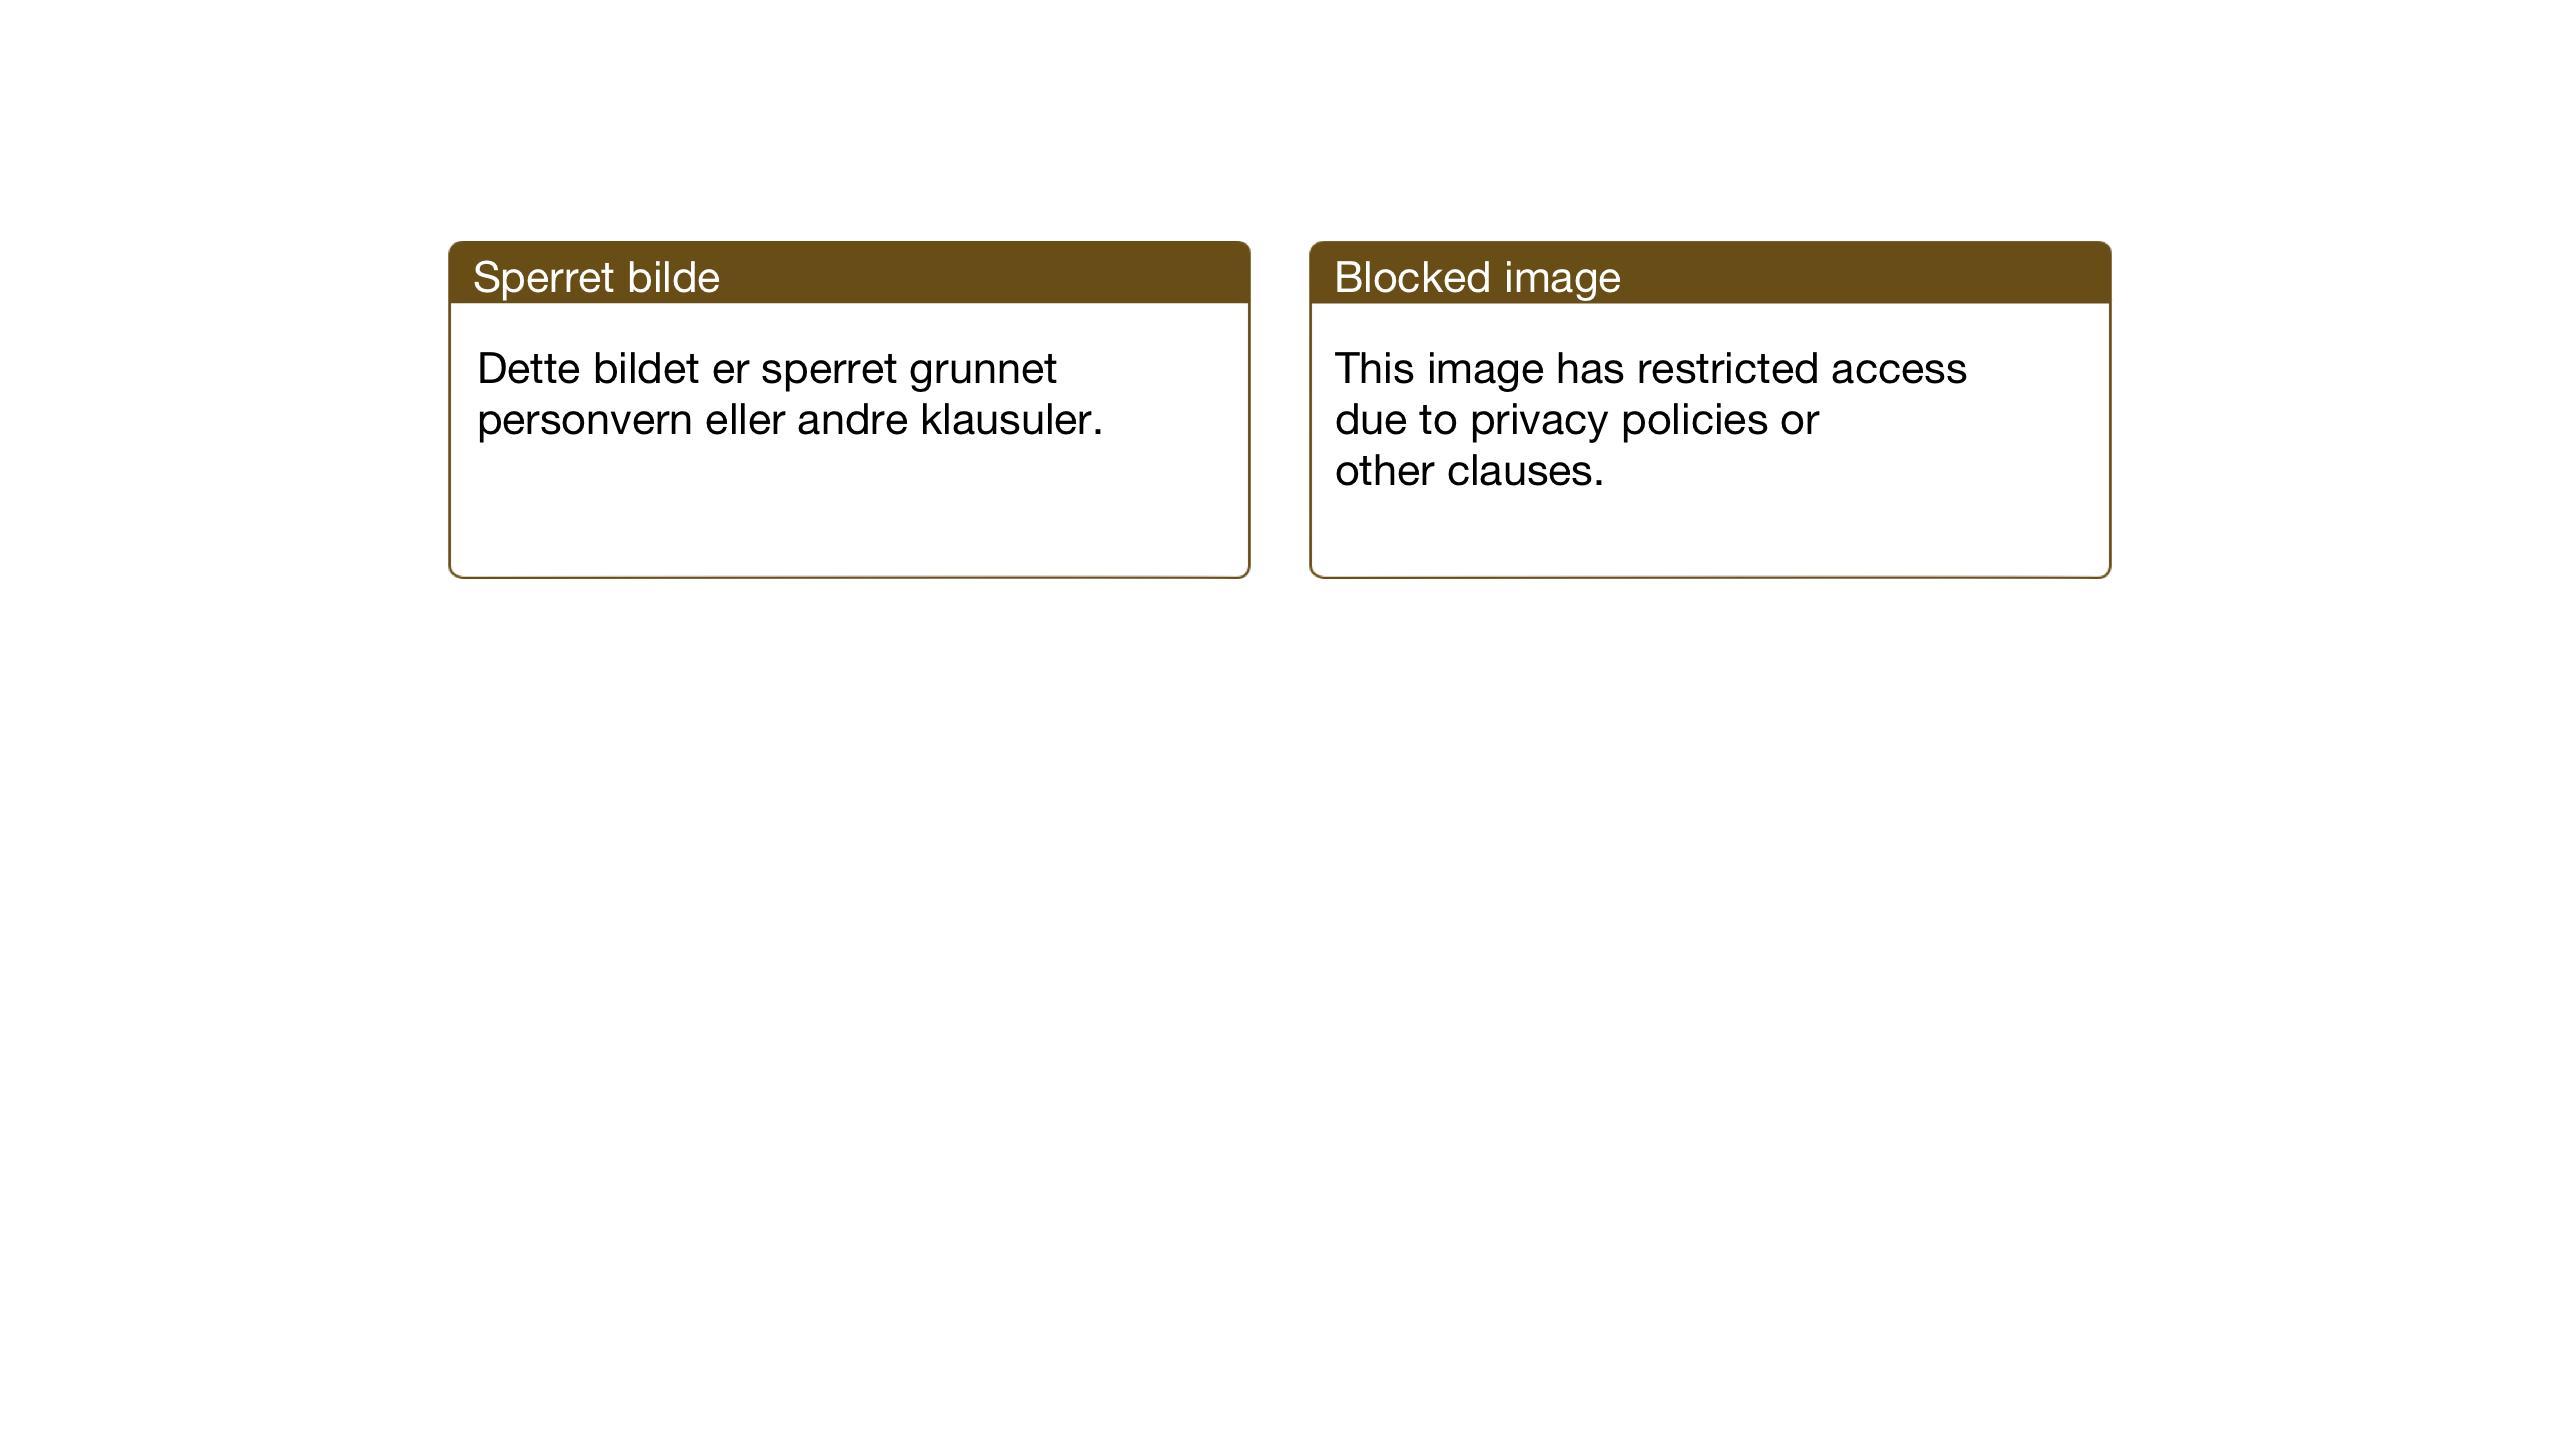 SAT, Ministerialprotokoller, klokkerbøker og fødselsregistre - Sør-Trøndelag, 698/L1169: Klokkerbok nr. 698C06, 1930-1949, s. 134